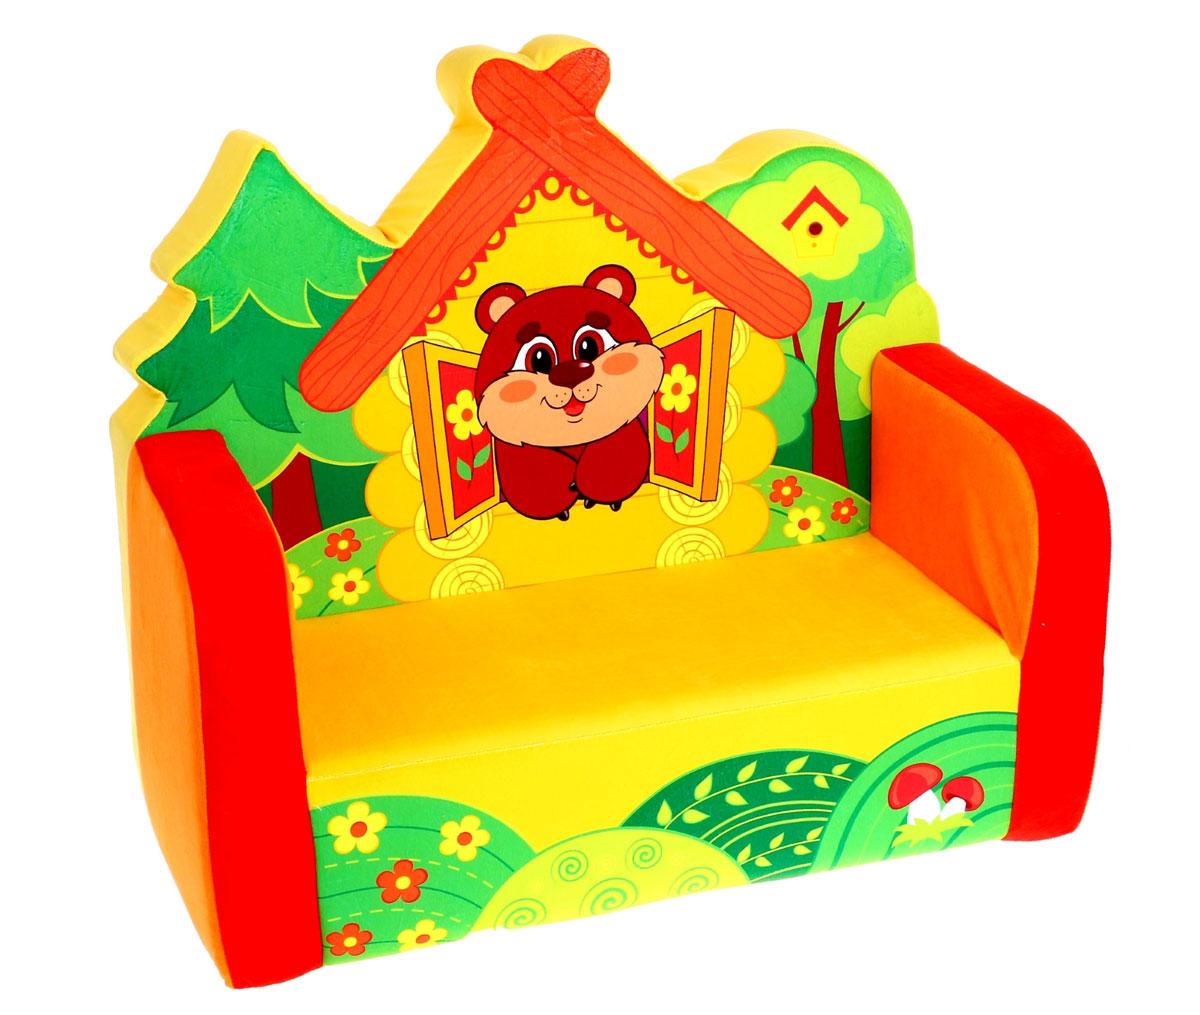 СмолТойс Мягкая игрушка Диван МедвежонокFS-91909Диванчик с дружелюбно выглядывающим медвежонком непременно привлечет внимание малыша! Кроха оценит удобство мягкого уголка, на котором можно с удовольствием почитать книжку, расположиться вместе с другом или просто отдохнуть. Небольшие размеры мебели делают ее похожей на игрушку и подходящей для любой квартиры. Благодаря сочным гармонирующим цветам и фигурной спинке диван Медвежонок станет настоящим украшением детской комнаты.